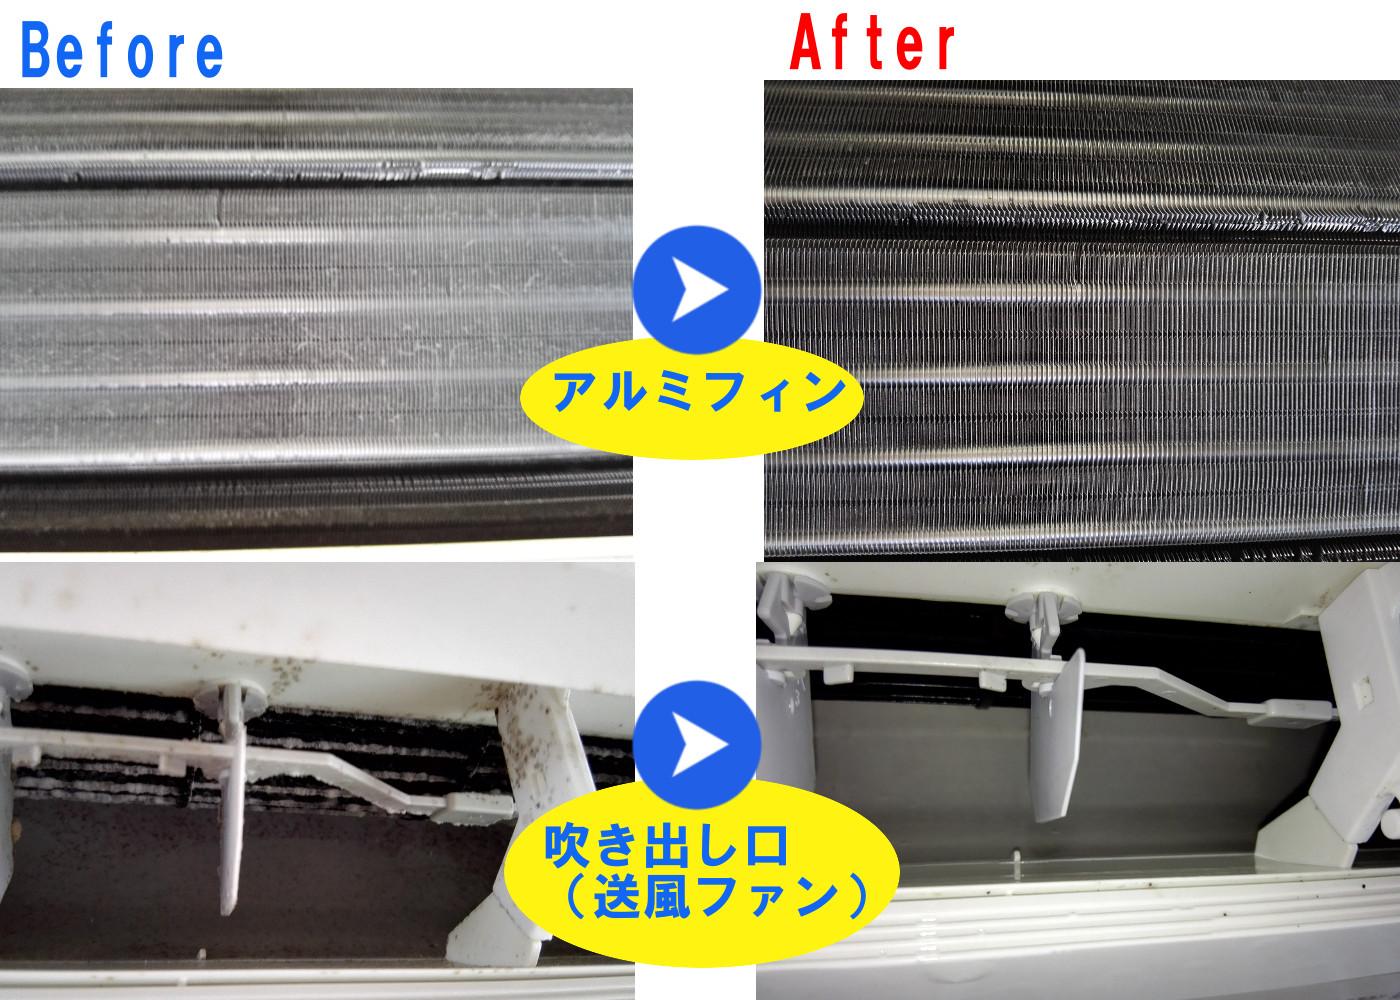 エアコンクリーニング お掃除前と後